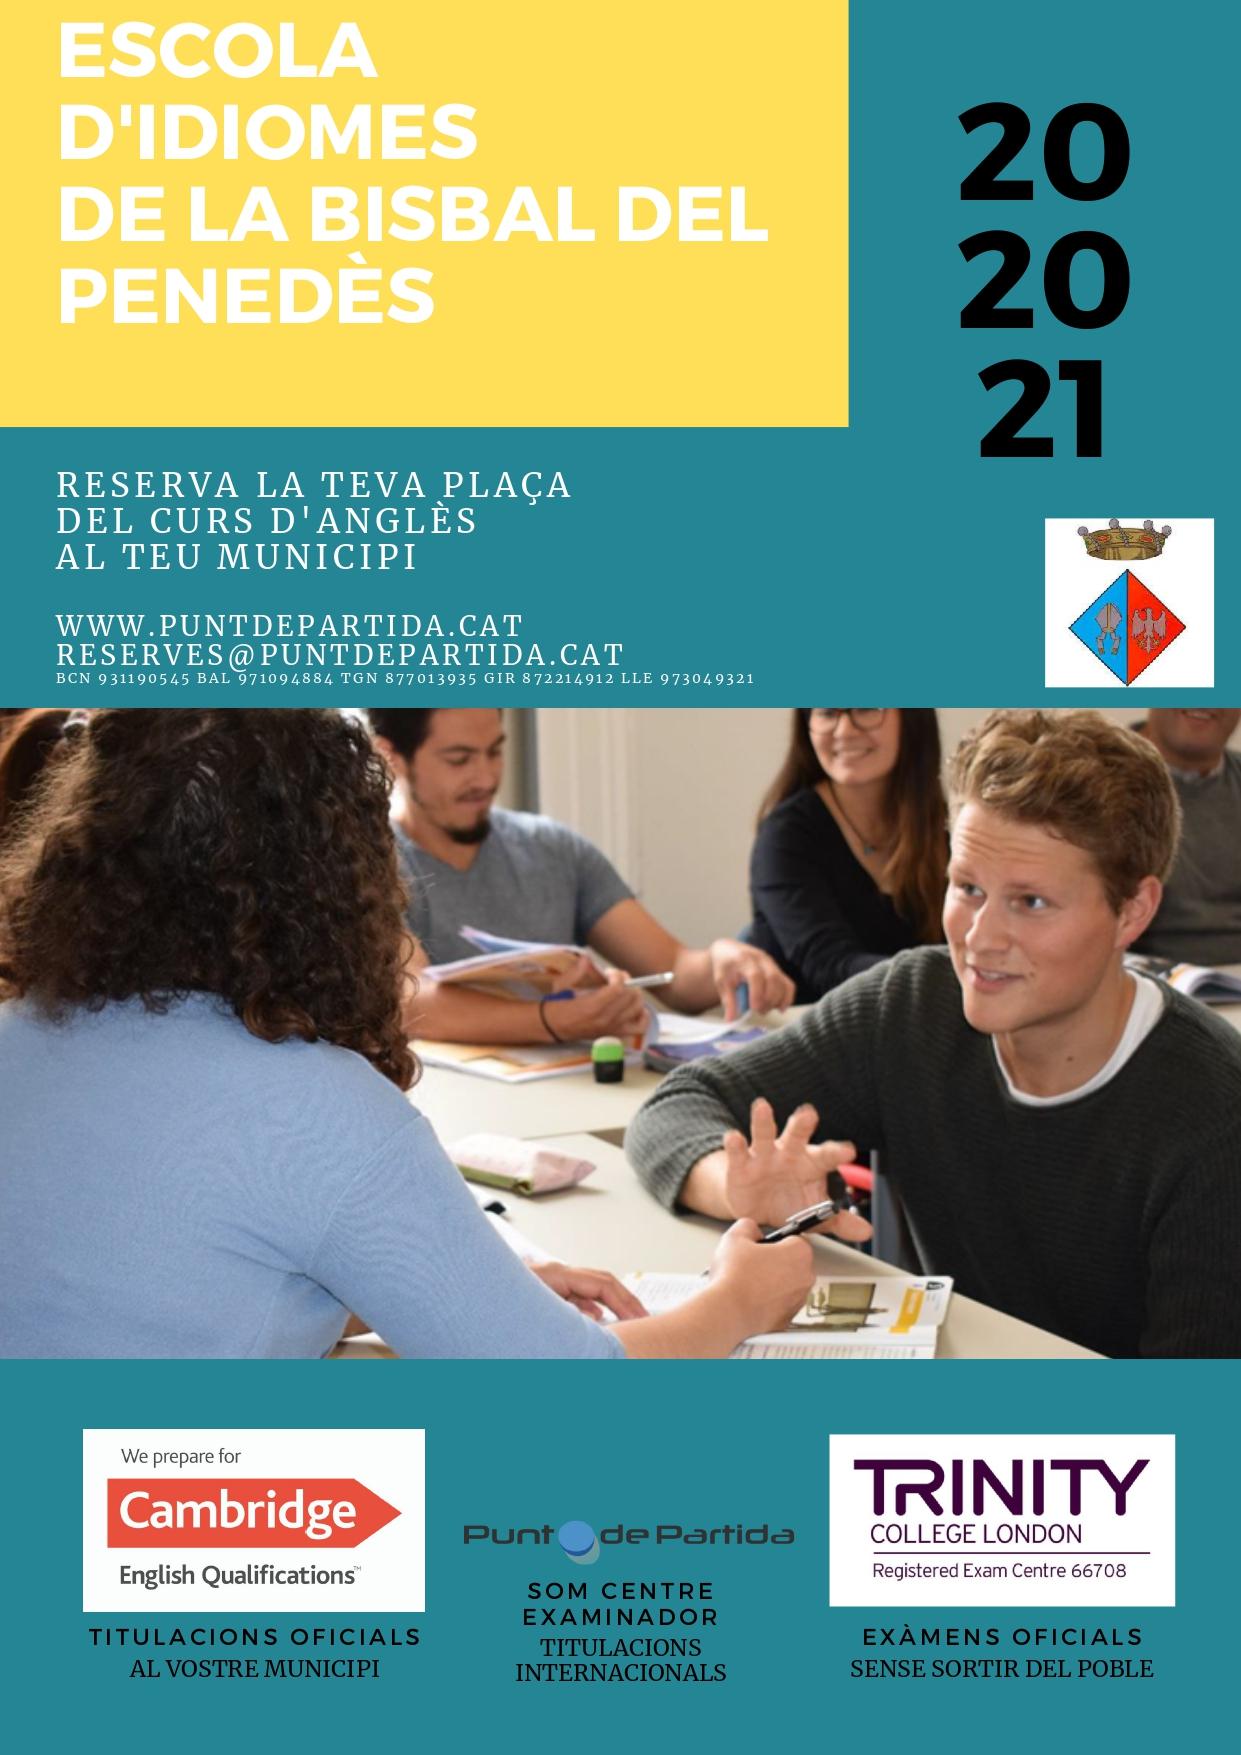 L'1 d'octubre comença un nou curs de l'Escola d'Idiomes de la Bisbal del Penedès